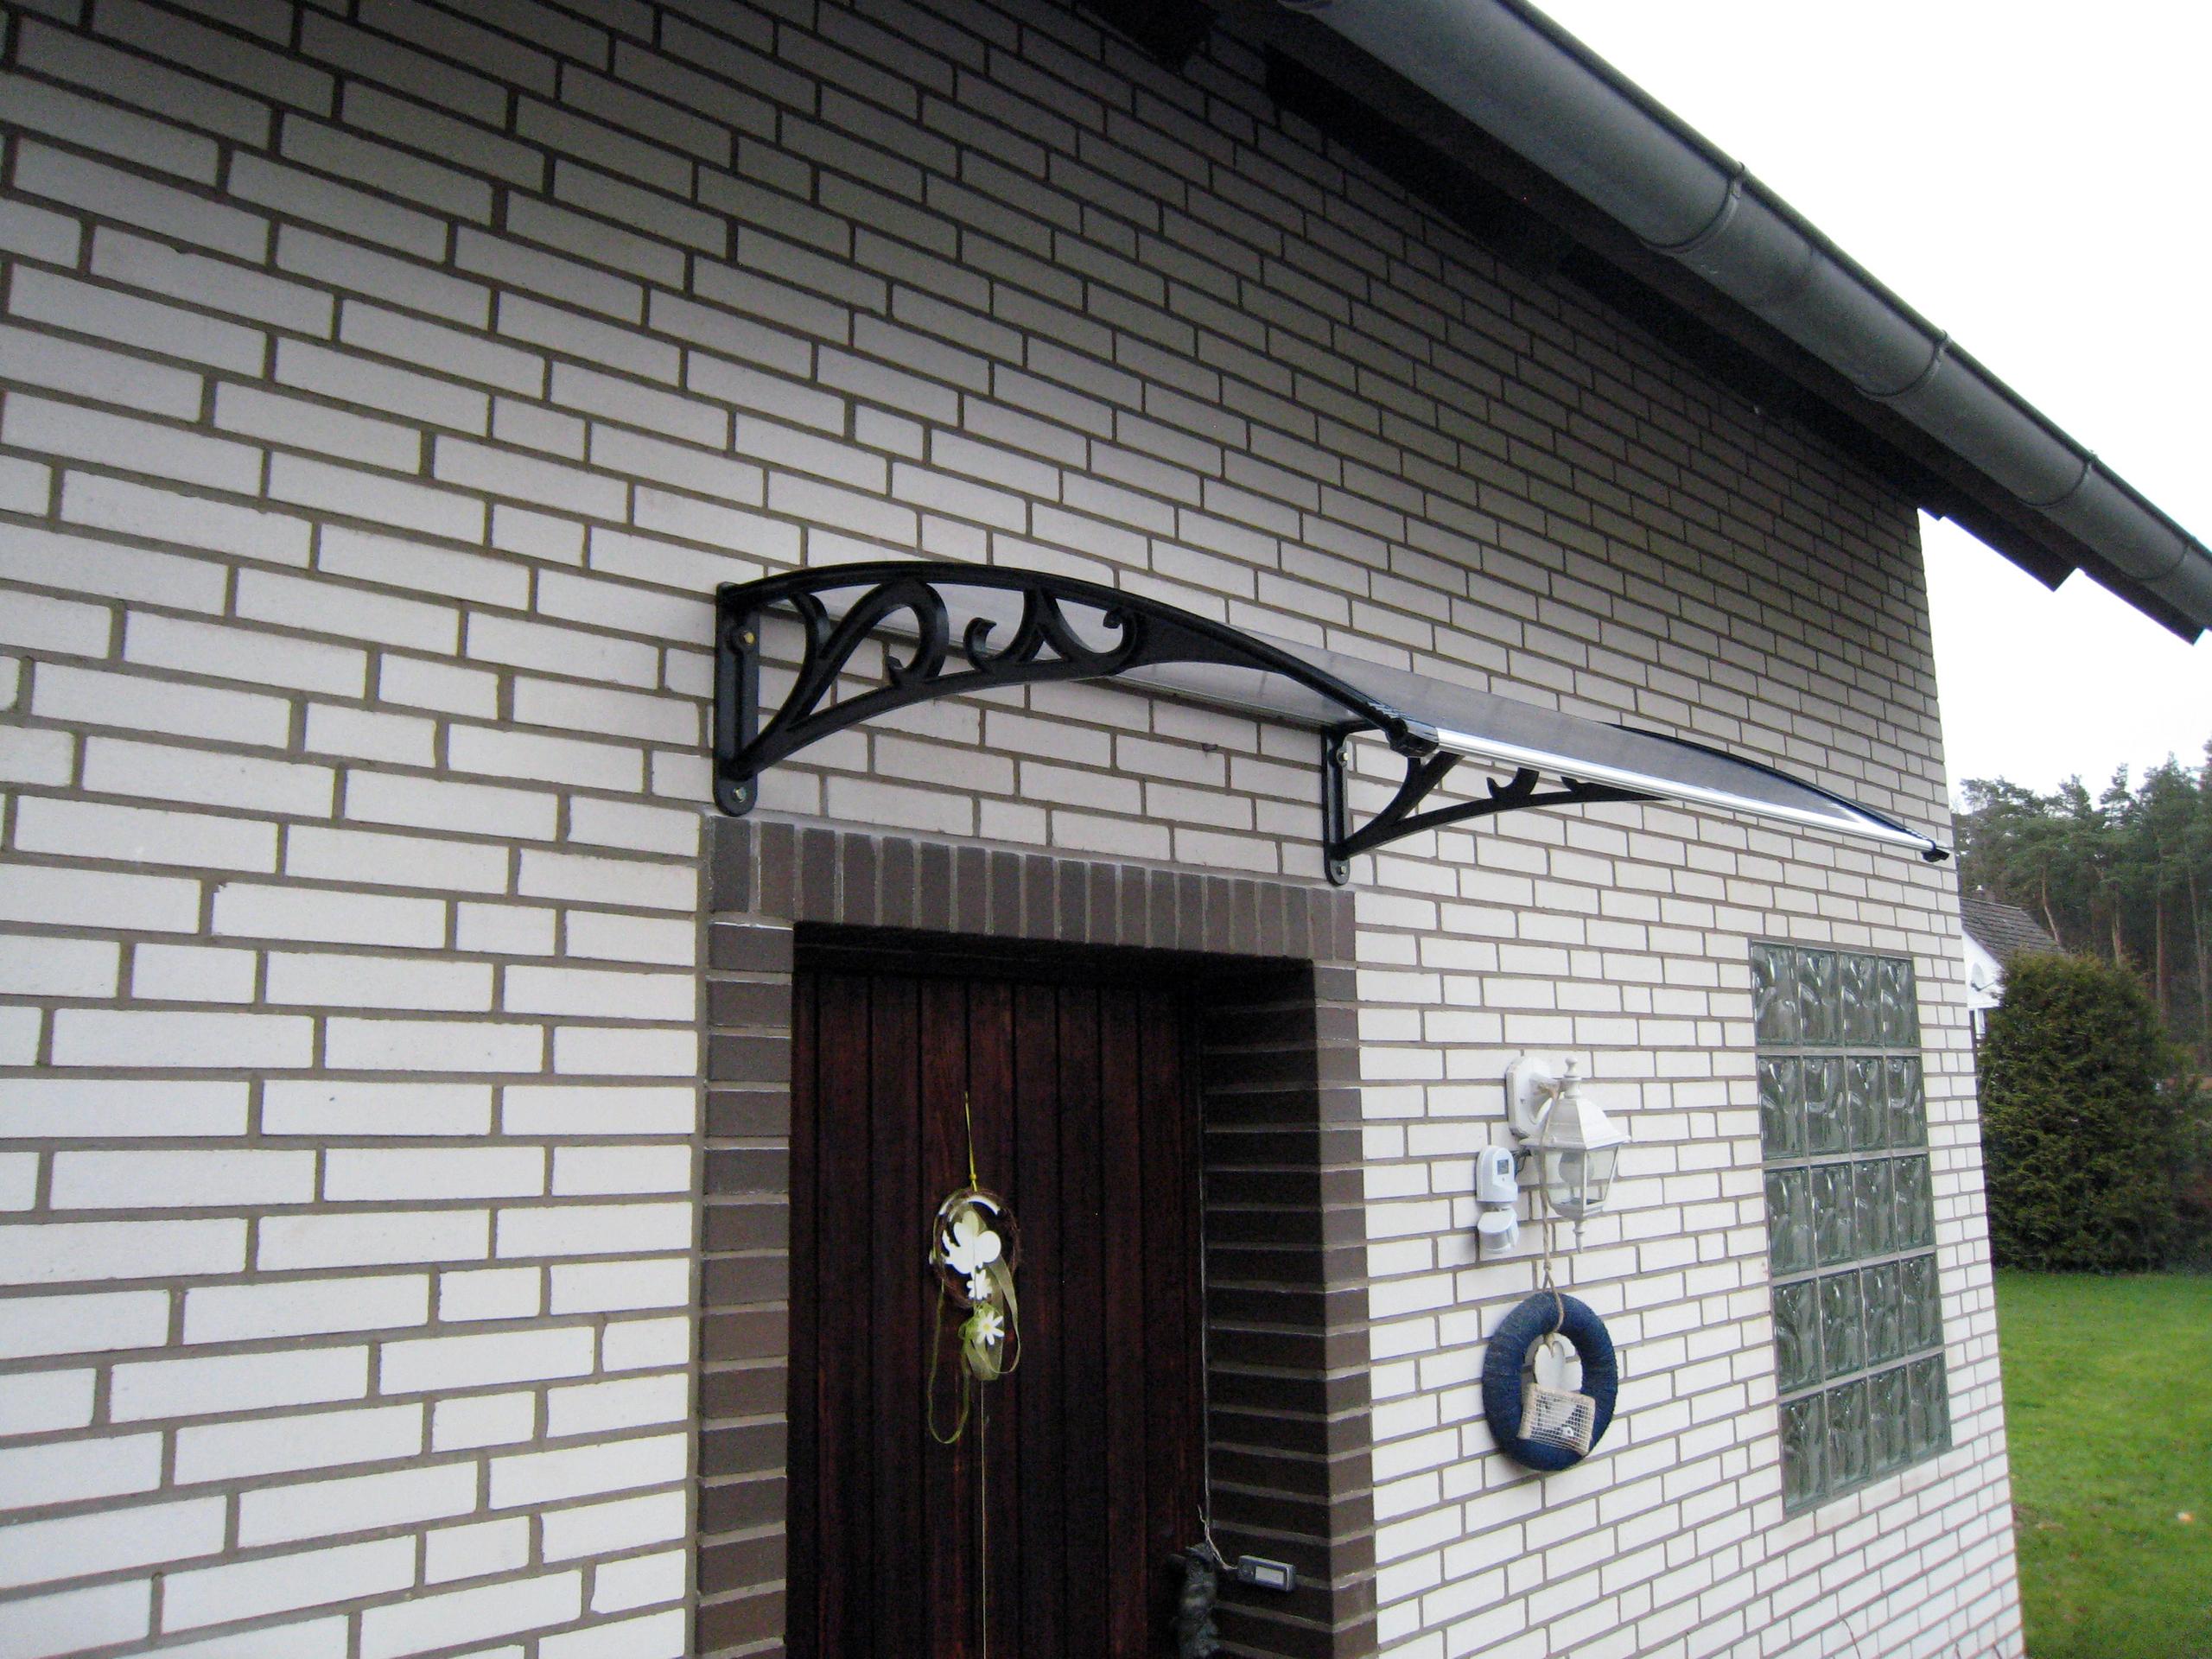 Vordach Haustur Uberdachung Hausturvordach Pultdach Ca 122x96cm